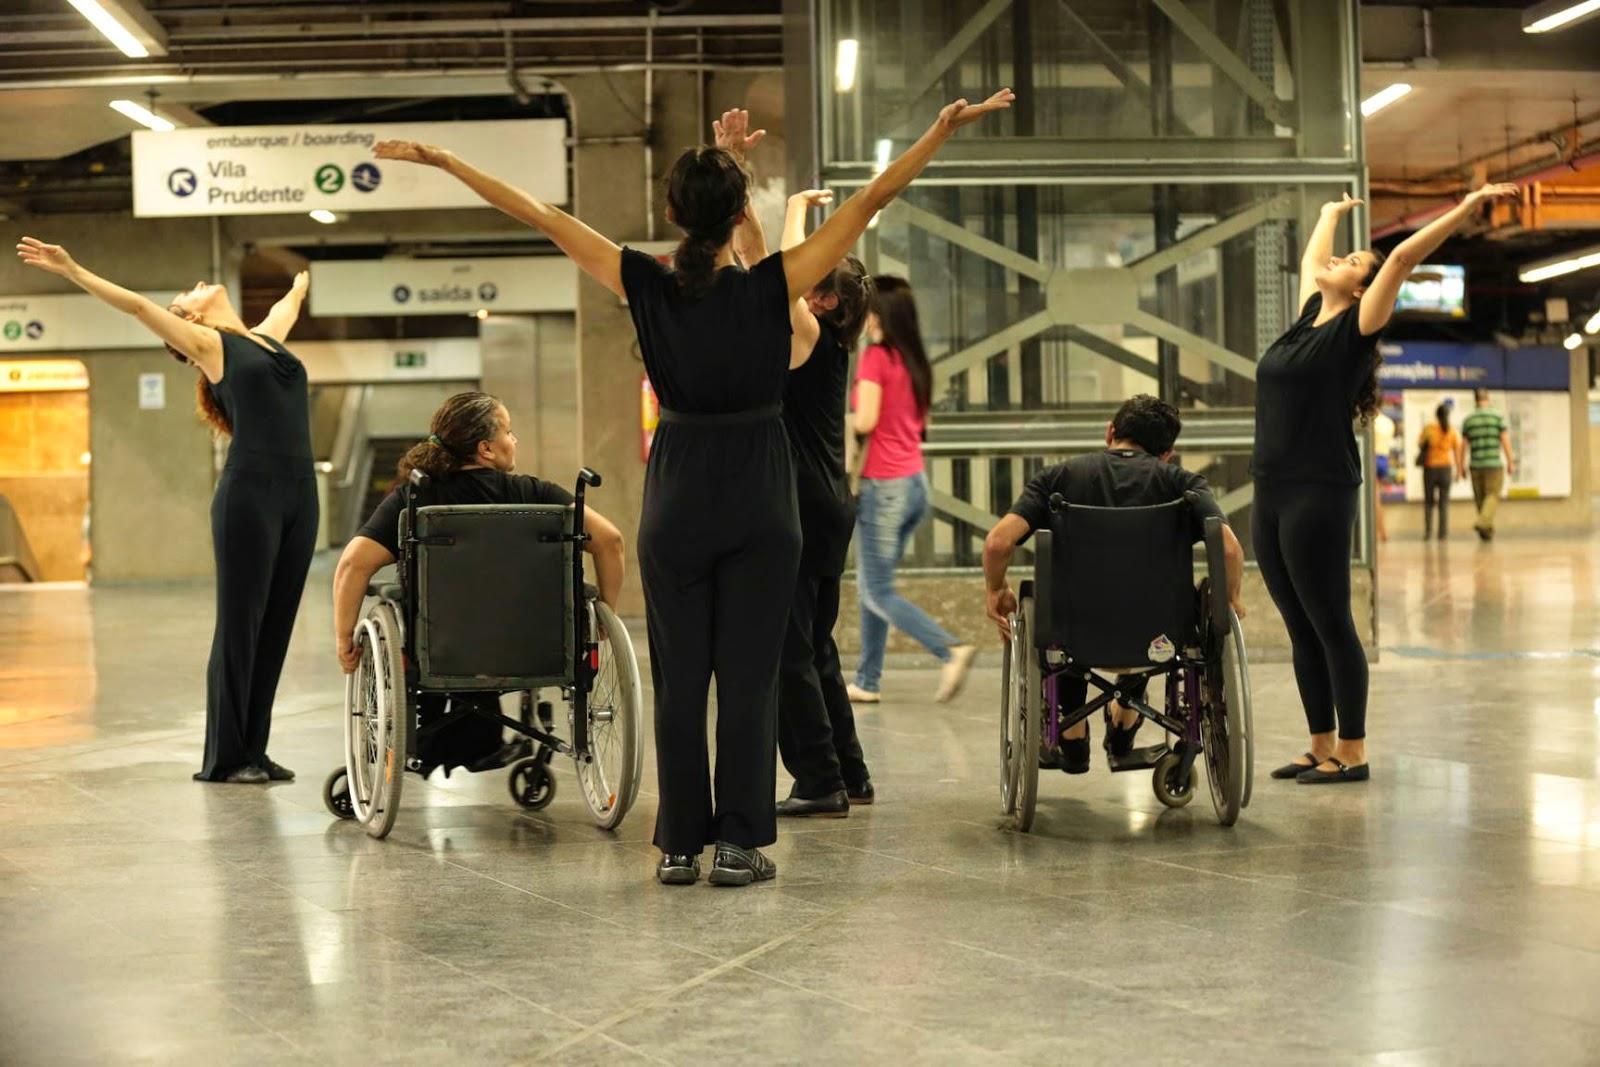 Seis intérpretes vestidos de preto dançam na plataforma do metrô. Dois deles estão numa cadeira-de-rodas. Quatro intérpretes estão de pé, rosto voltado para cima, braços abertos estendidos em V. São quatro pessoas de pé, um ao centro com dois cadeirantes de costas e, três envolta formando um triângulo. Pessoas passam, placas de sinalização no alto e elevador no fundo.